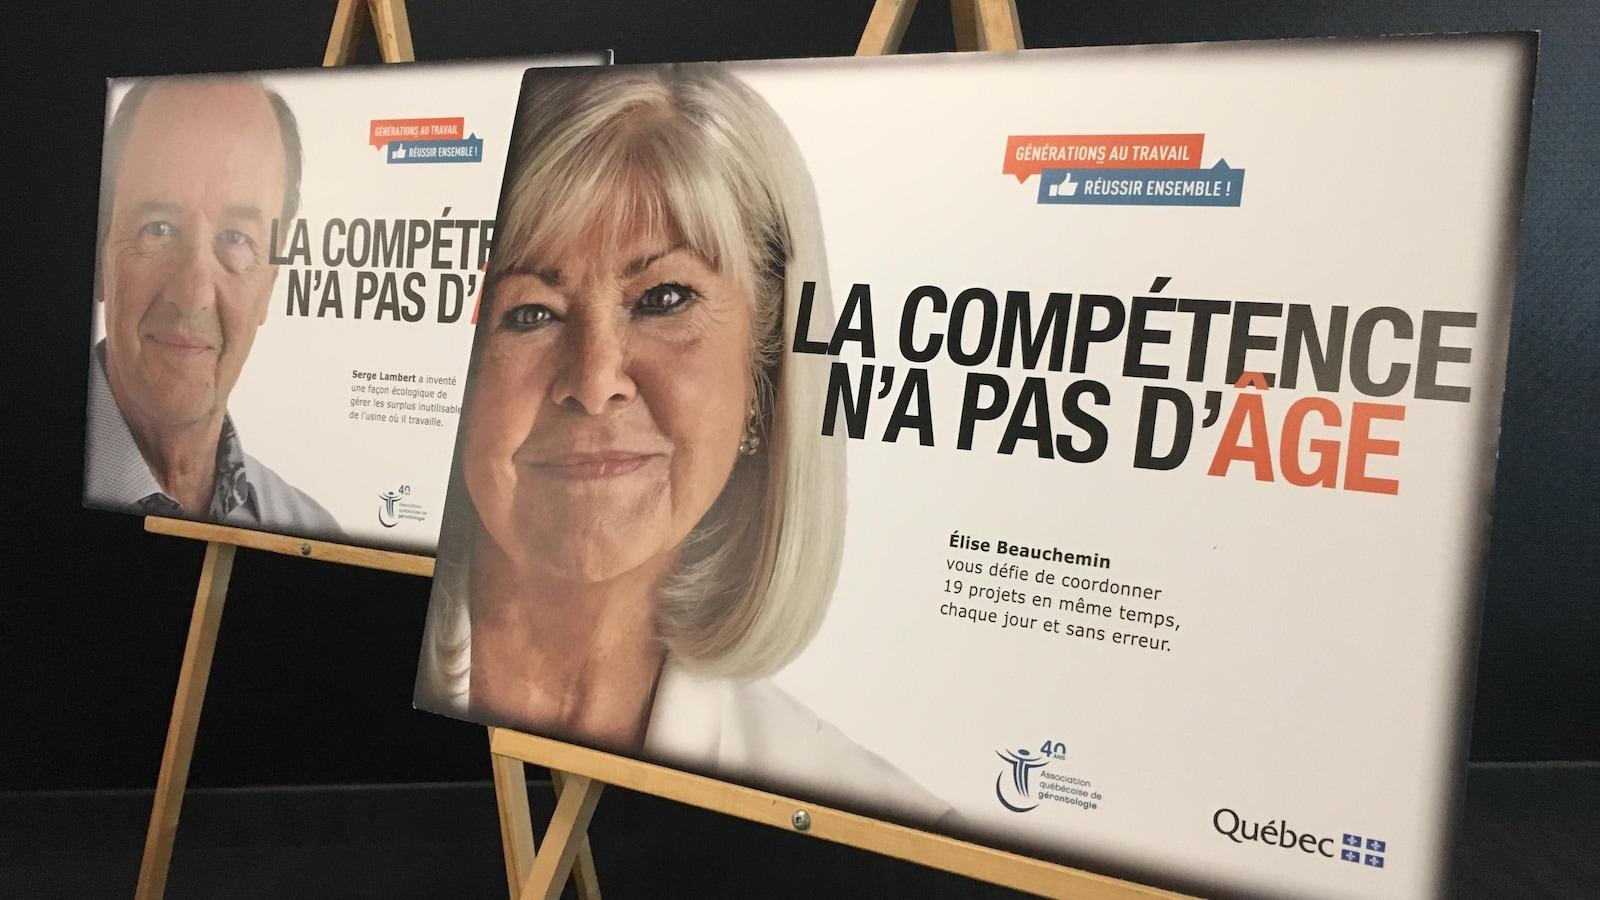 Deux affiches pour l'événement avec les exemples de travailleurs expérimentés.